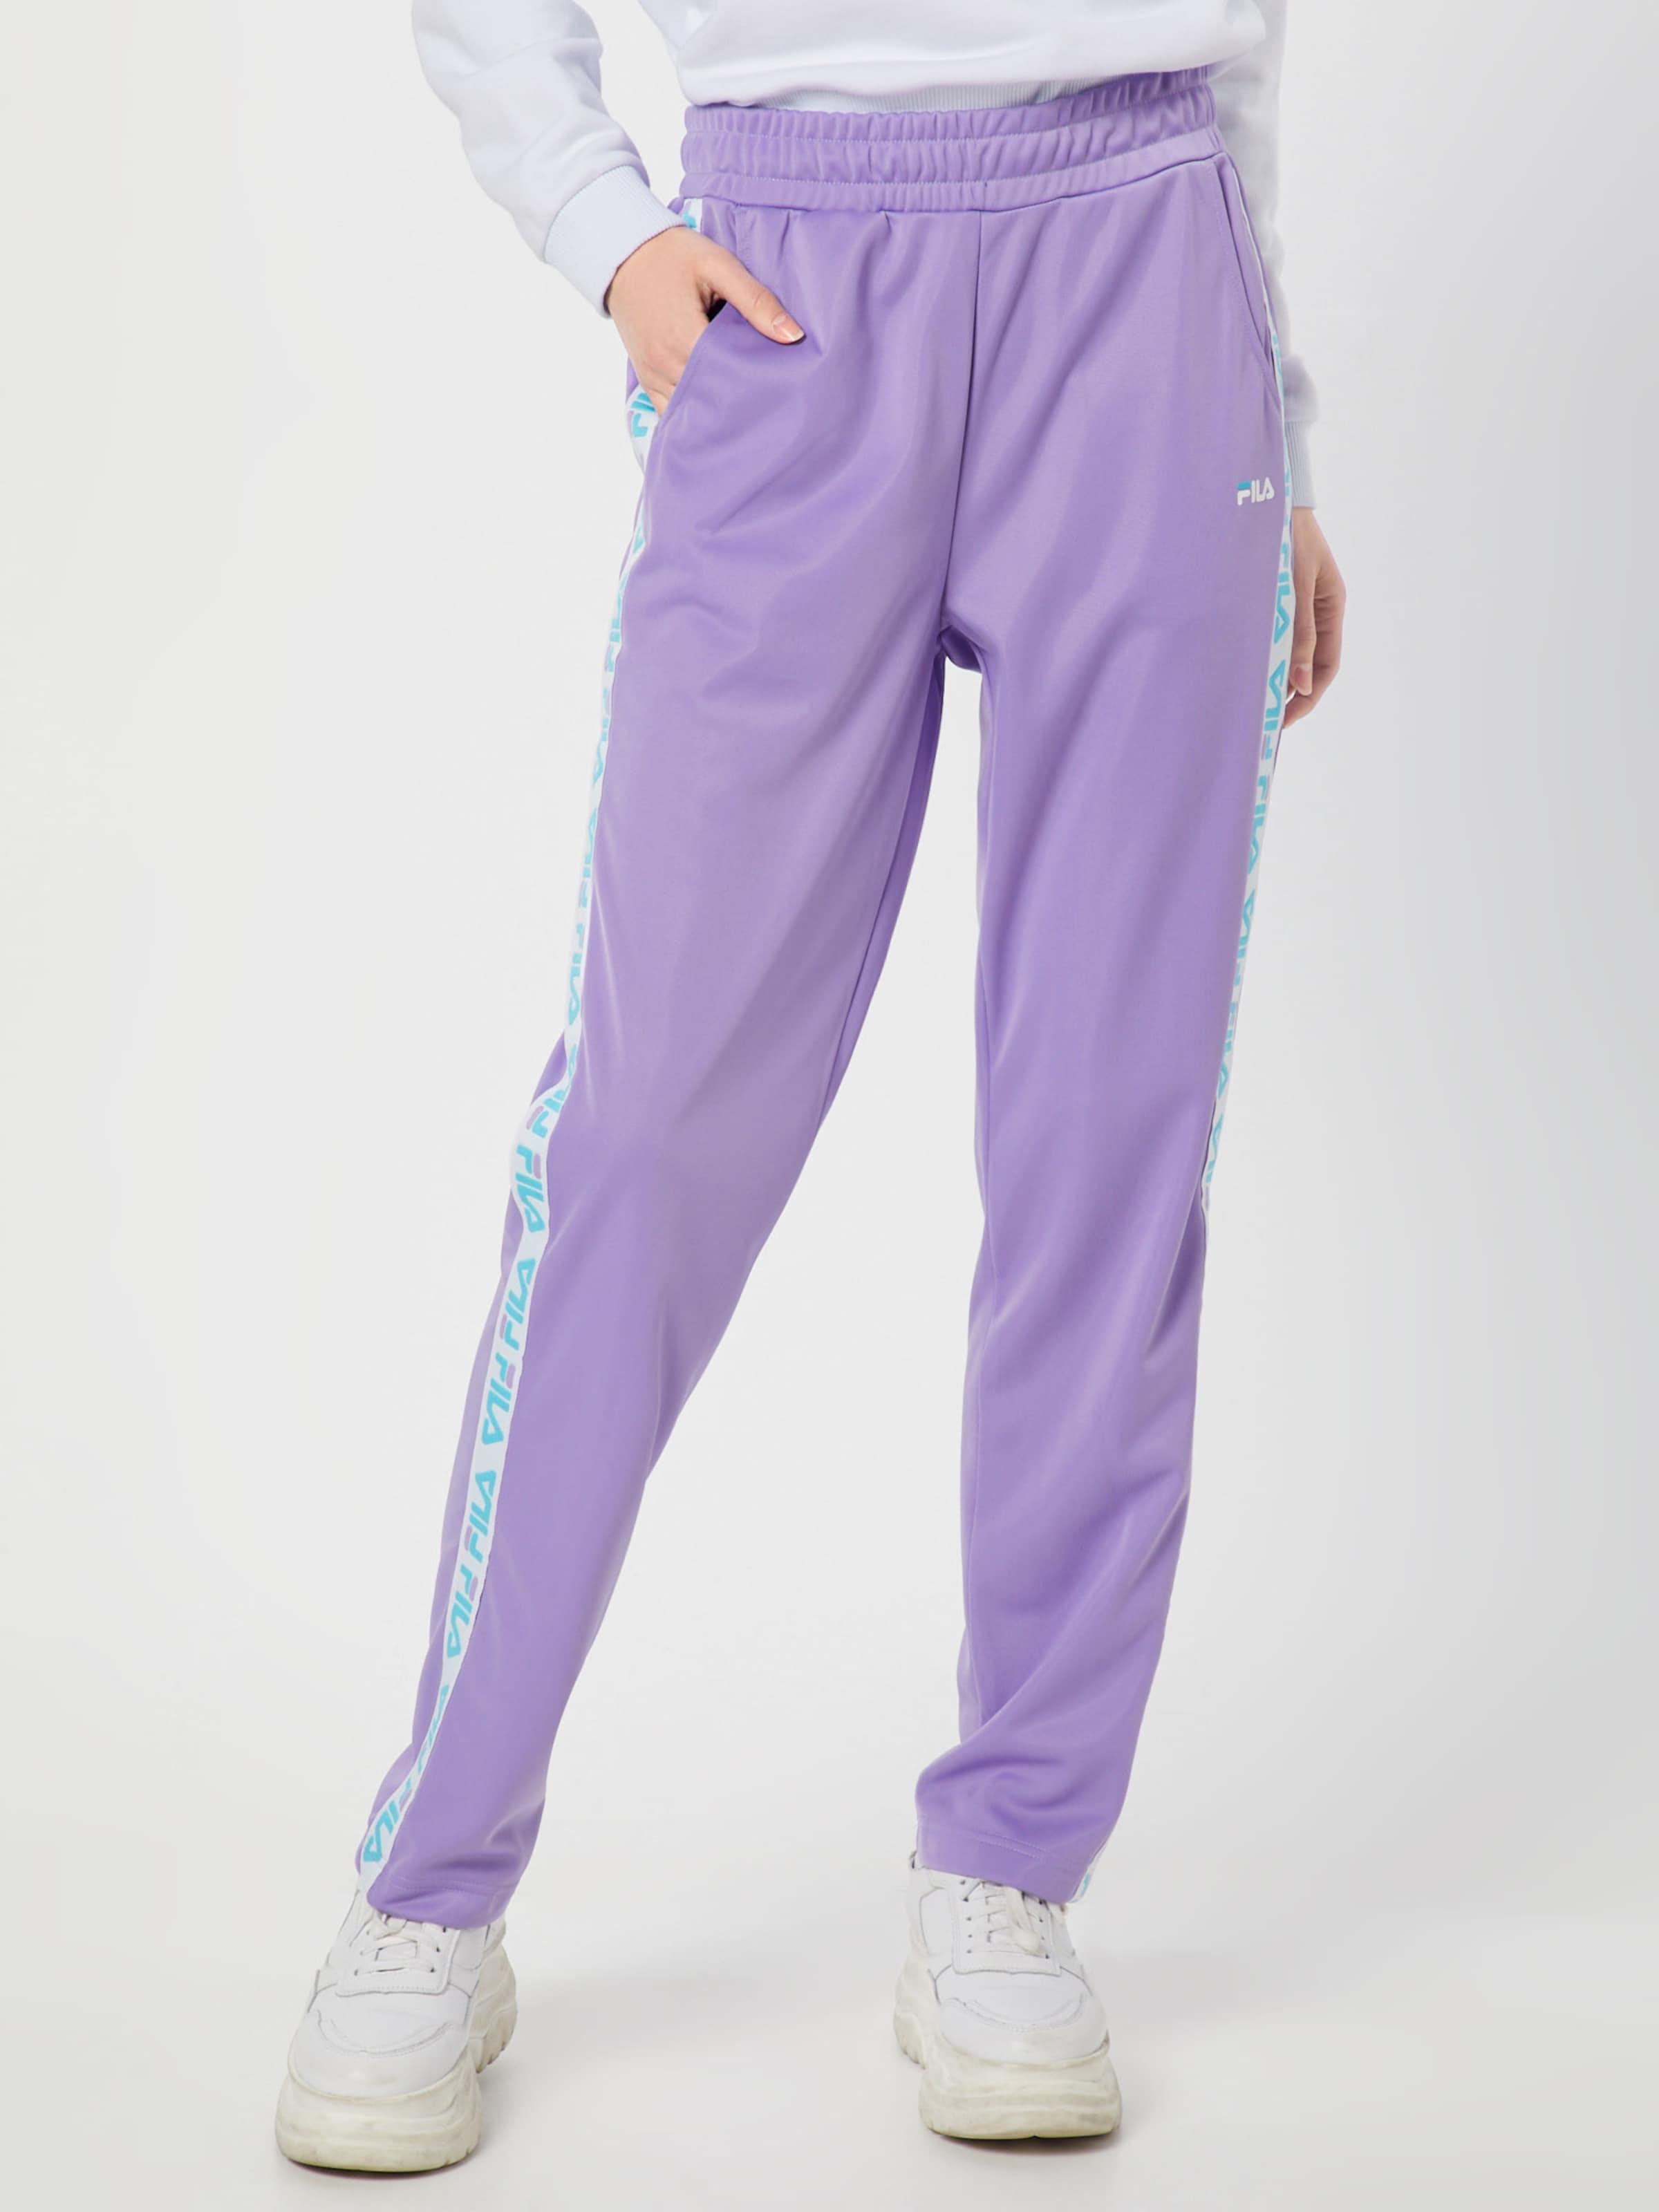 Fila 'strap Pantalon Pants' En Track Lilas wP0n8Ok